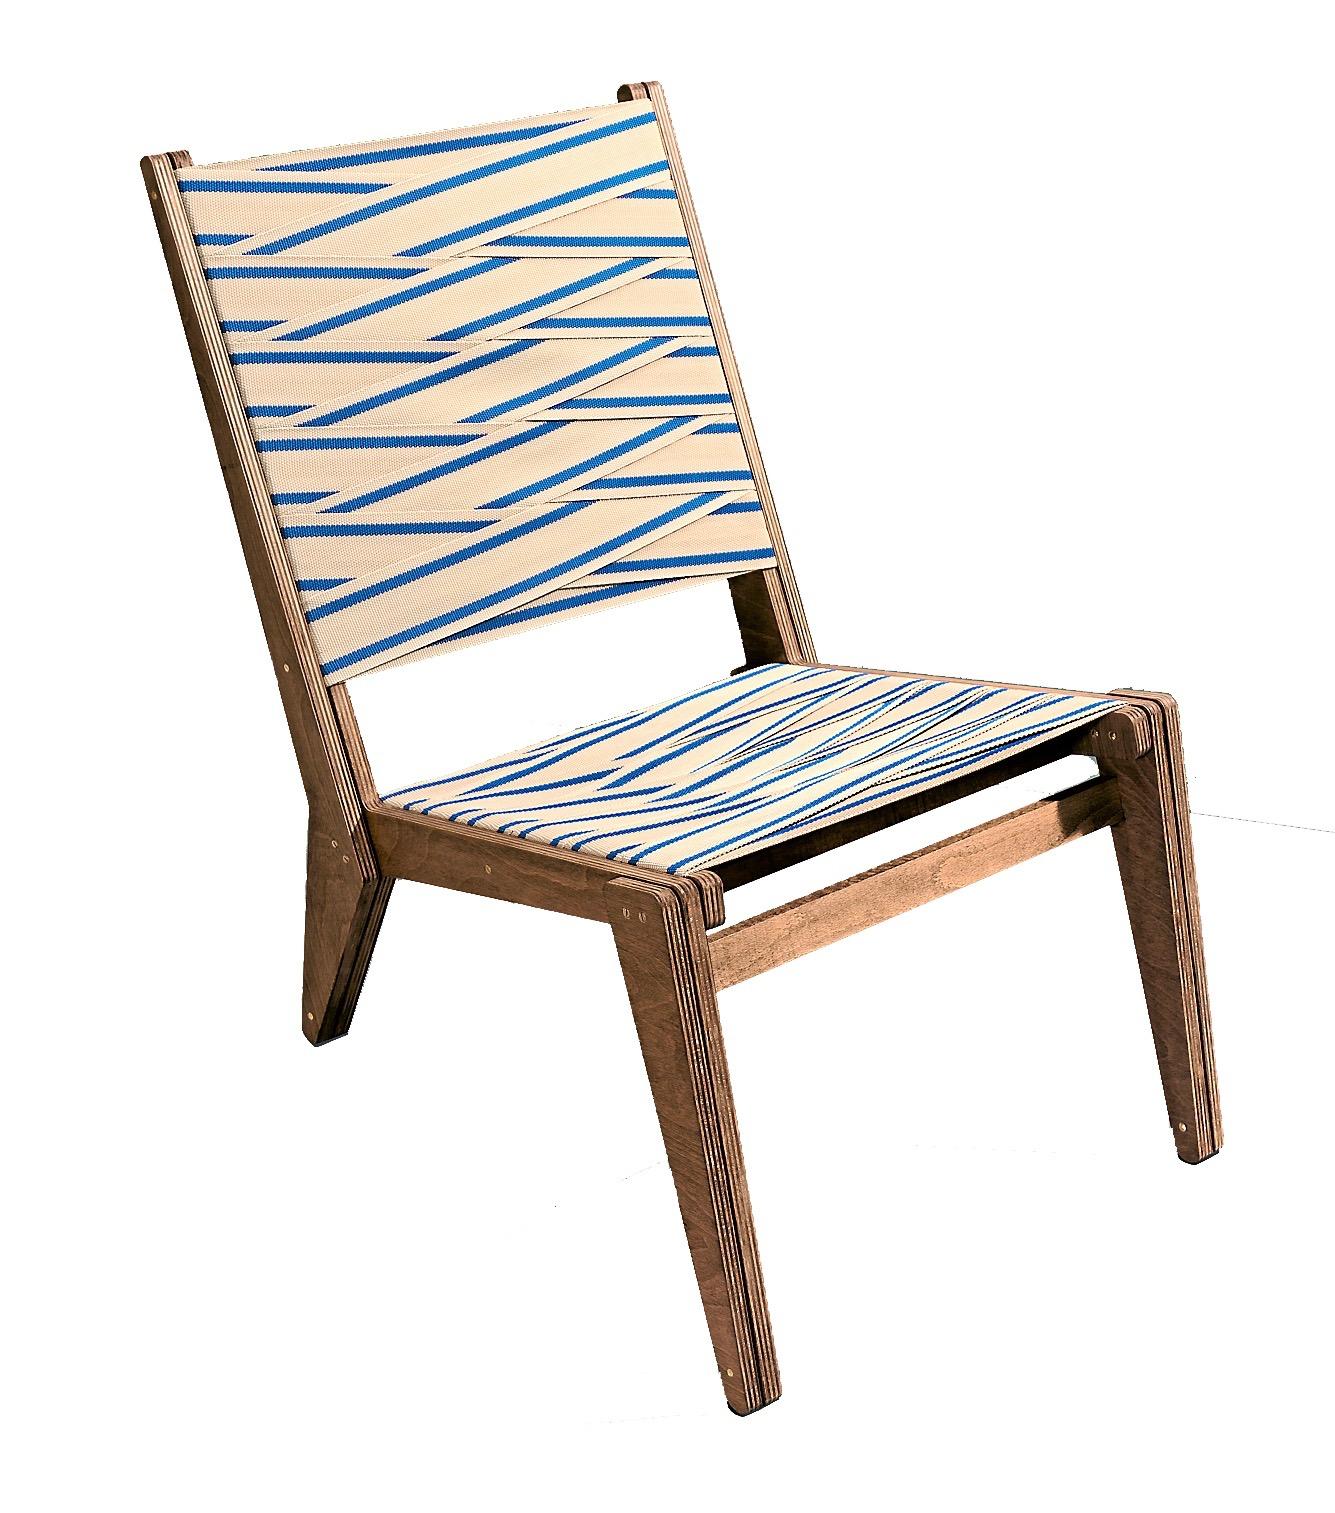 Bli konsthantverkare och bind din egen stolsits designad av Sigurd Larsen. Monteringen av stolen gör du helt själv, 1 342 kr, från Hornbach.